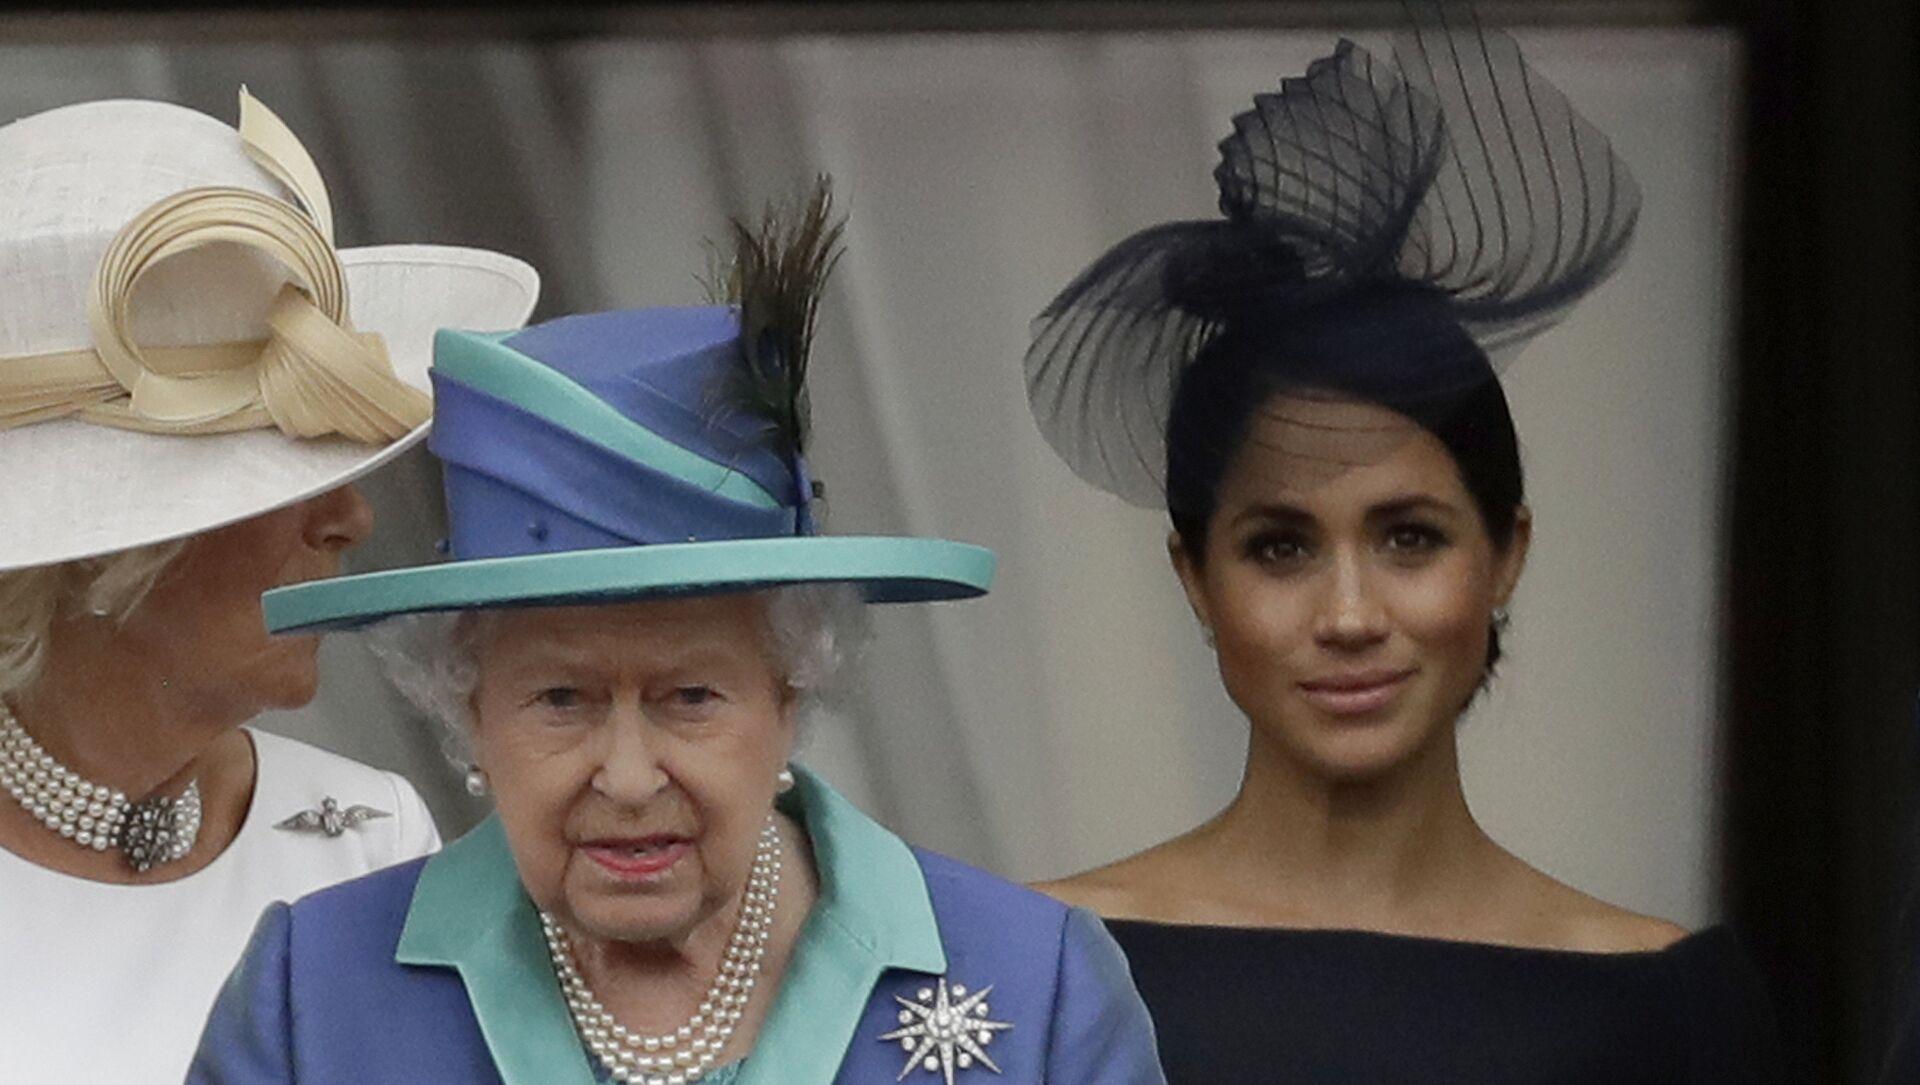 Britská královna Alžběta II., Camilla vévodkyně z Cornwallu a Meghan vévodkyně ze Sussexu  - Sputnik Česká republika, 1920, 21.03.2021